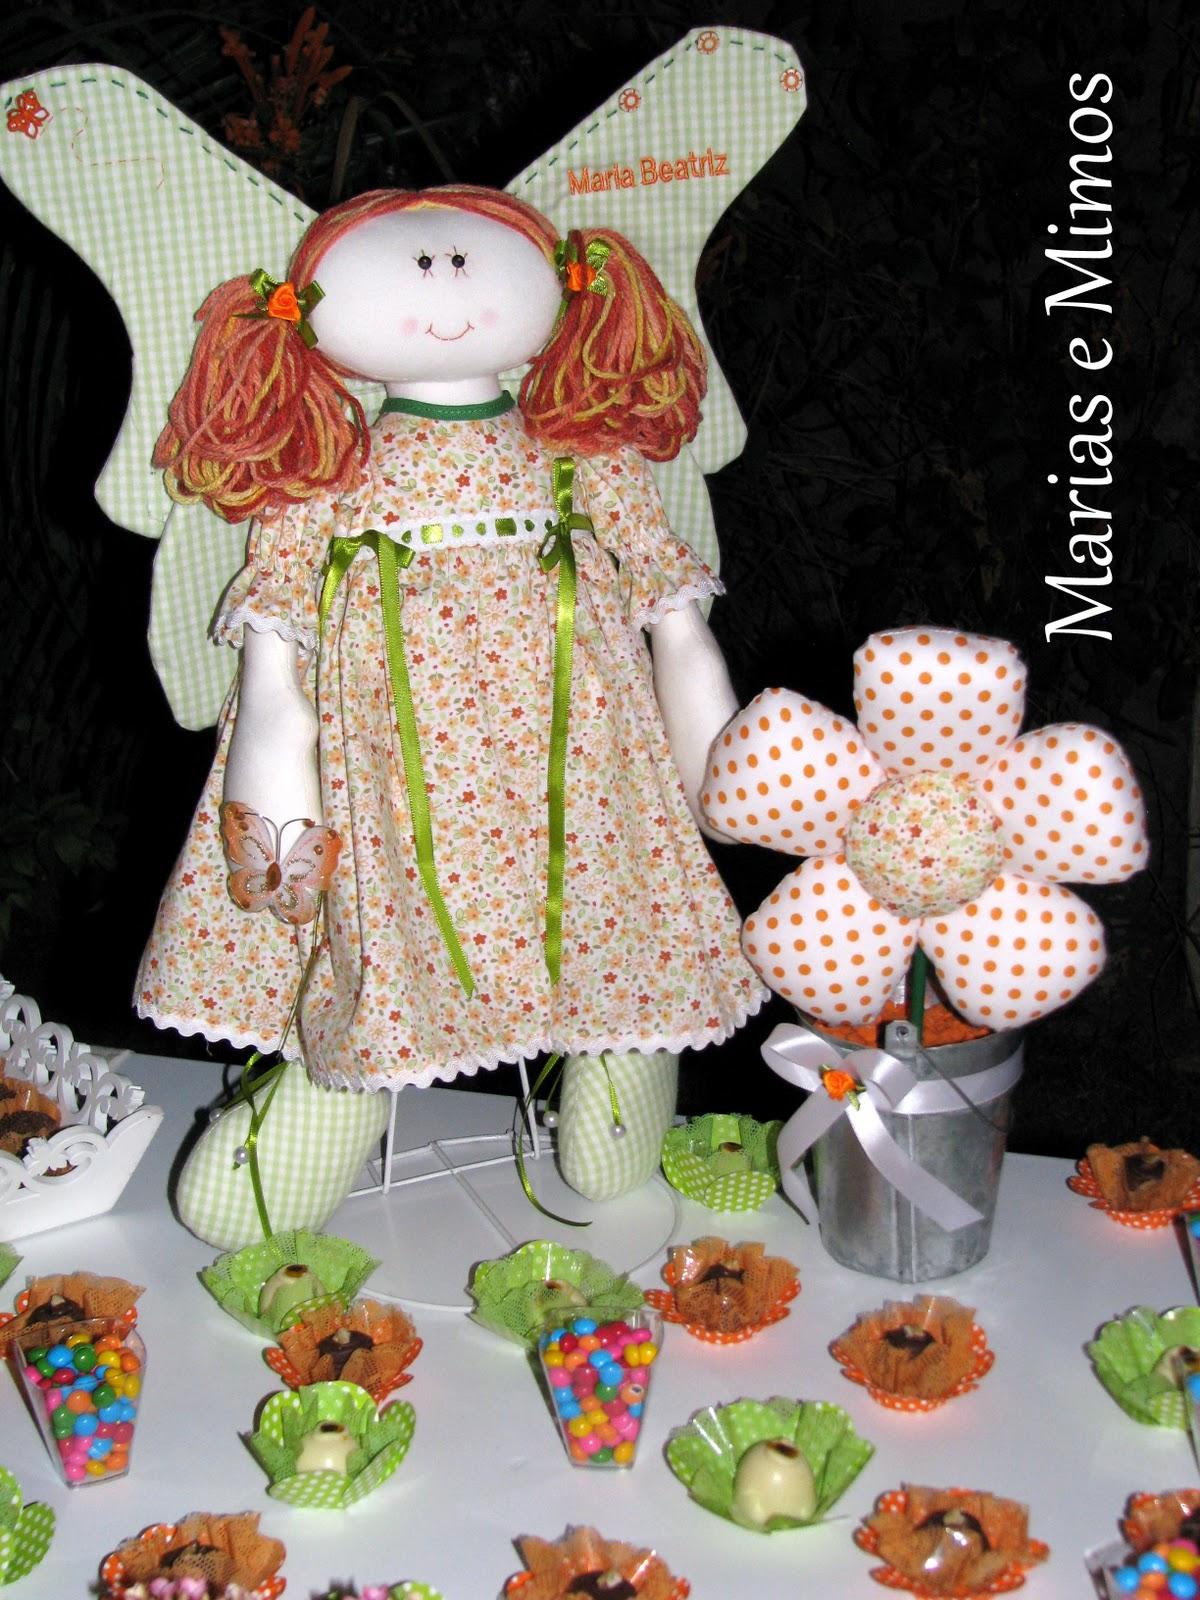 gnomos de jardim venda: : mariasemimosclientes@gmail.com: Festa Jardim das Fadas Encantado